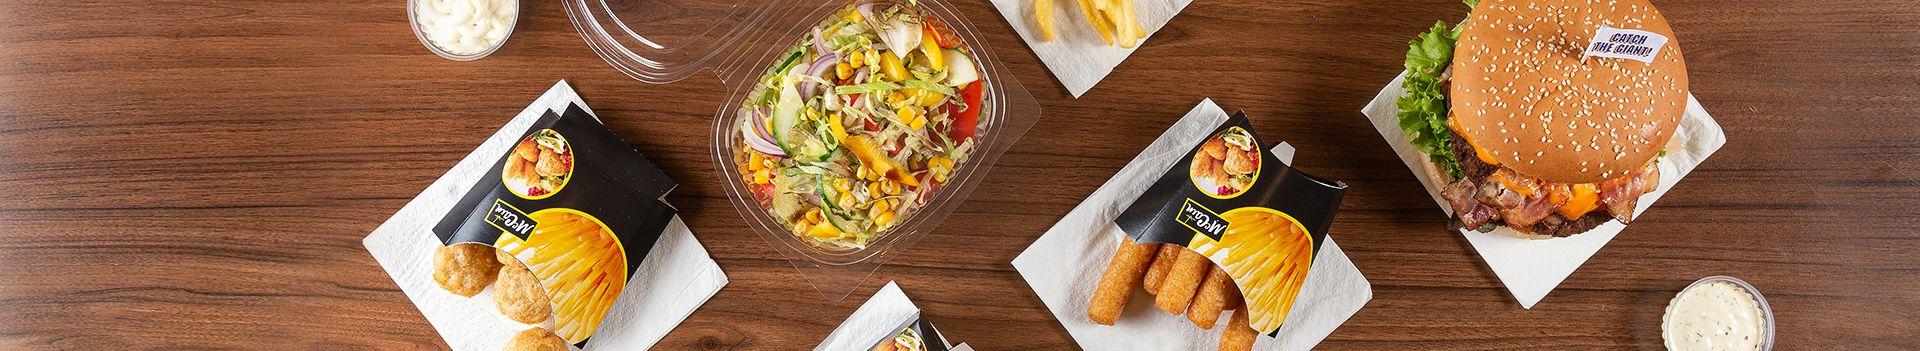 Burgerland Lieferservice in Graz